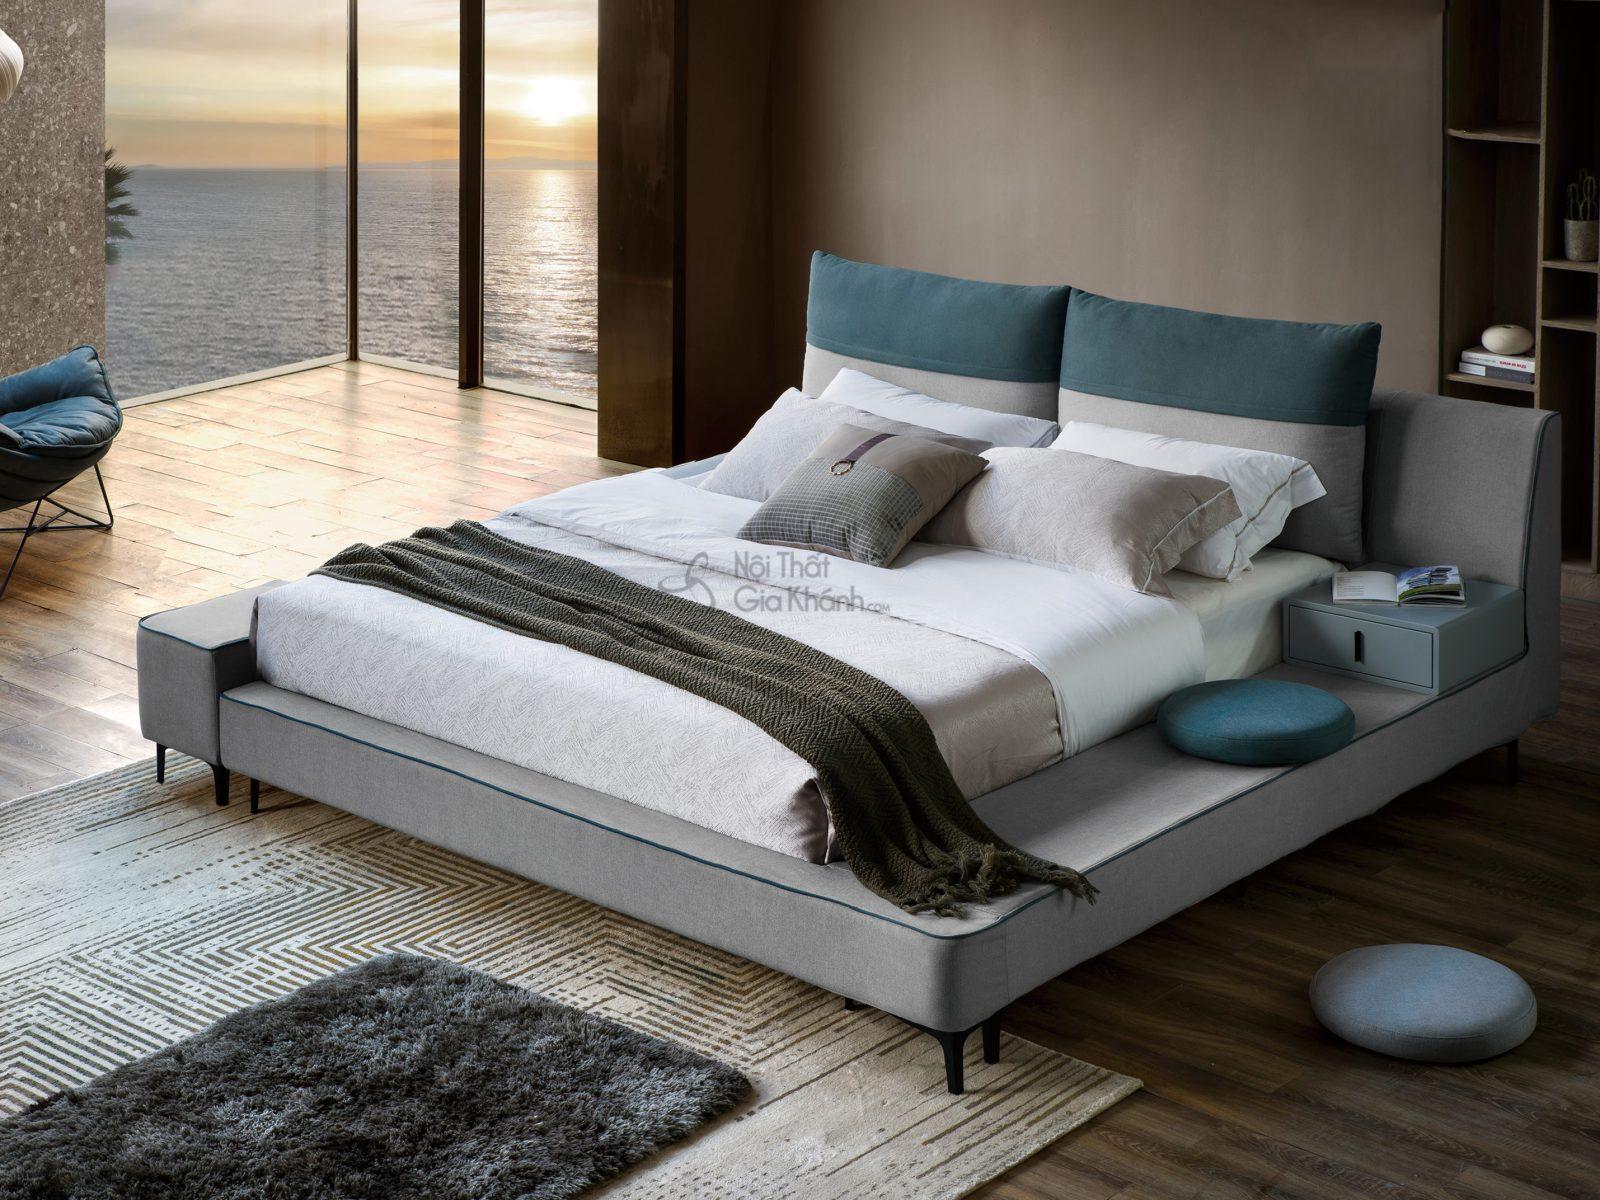 Giường King Size hiện đại GILB602-18 1m8*2m